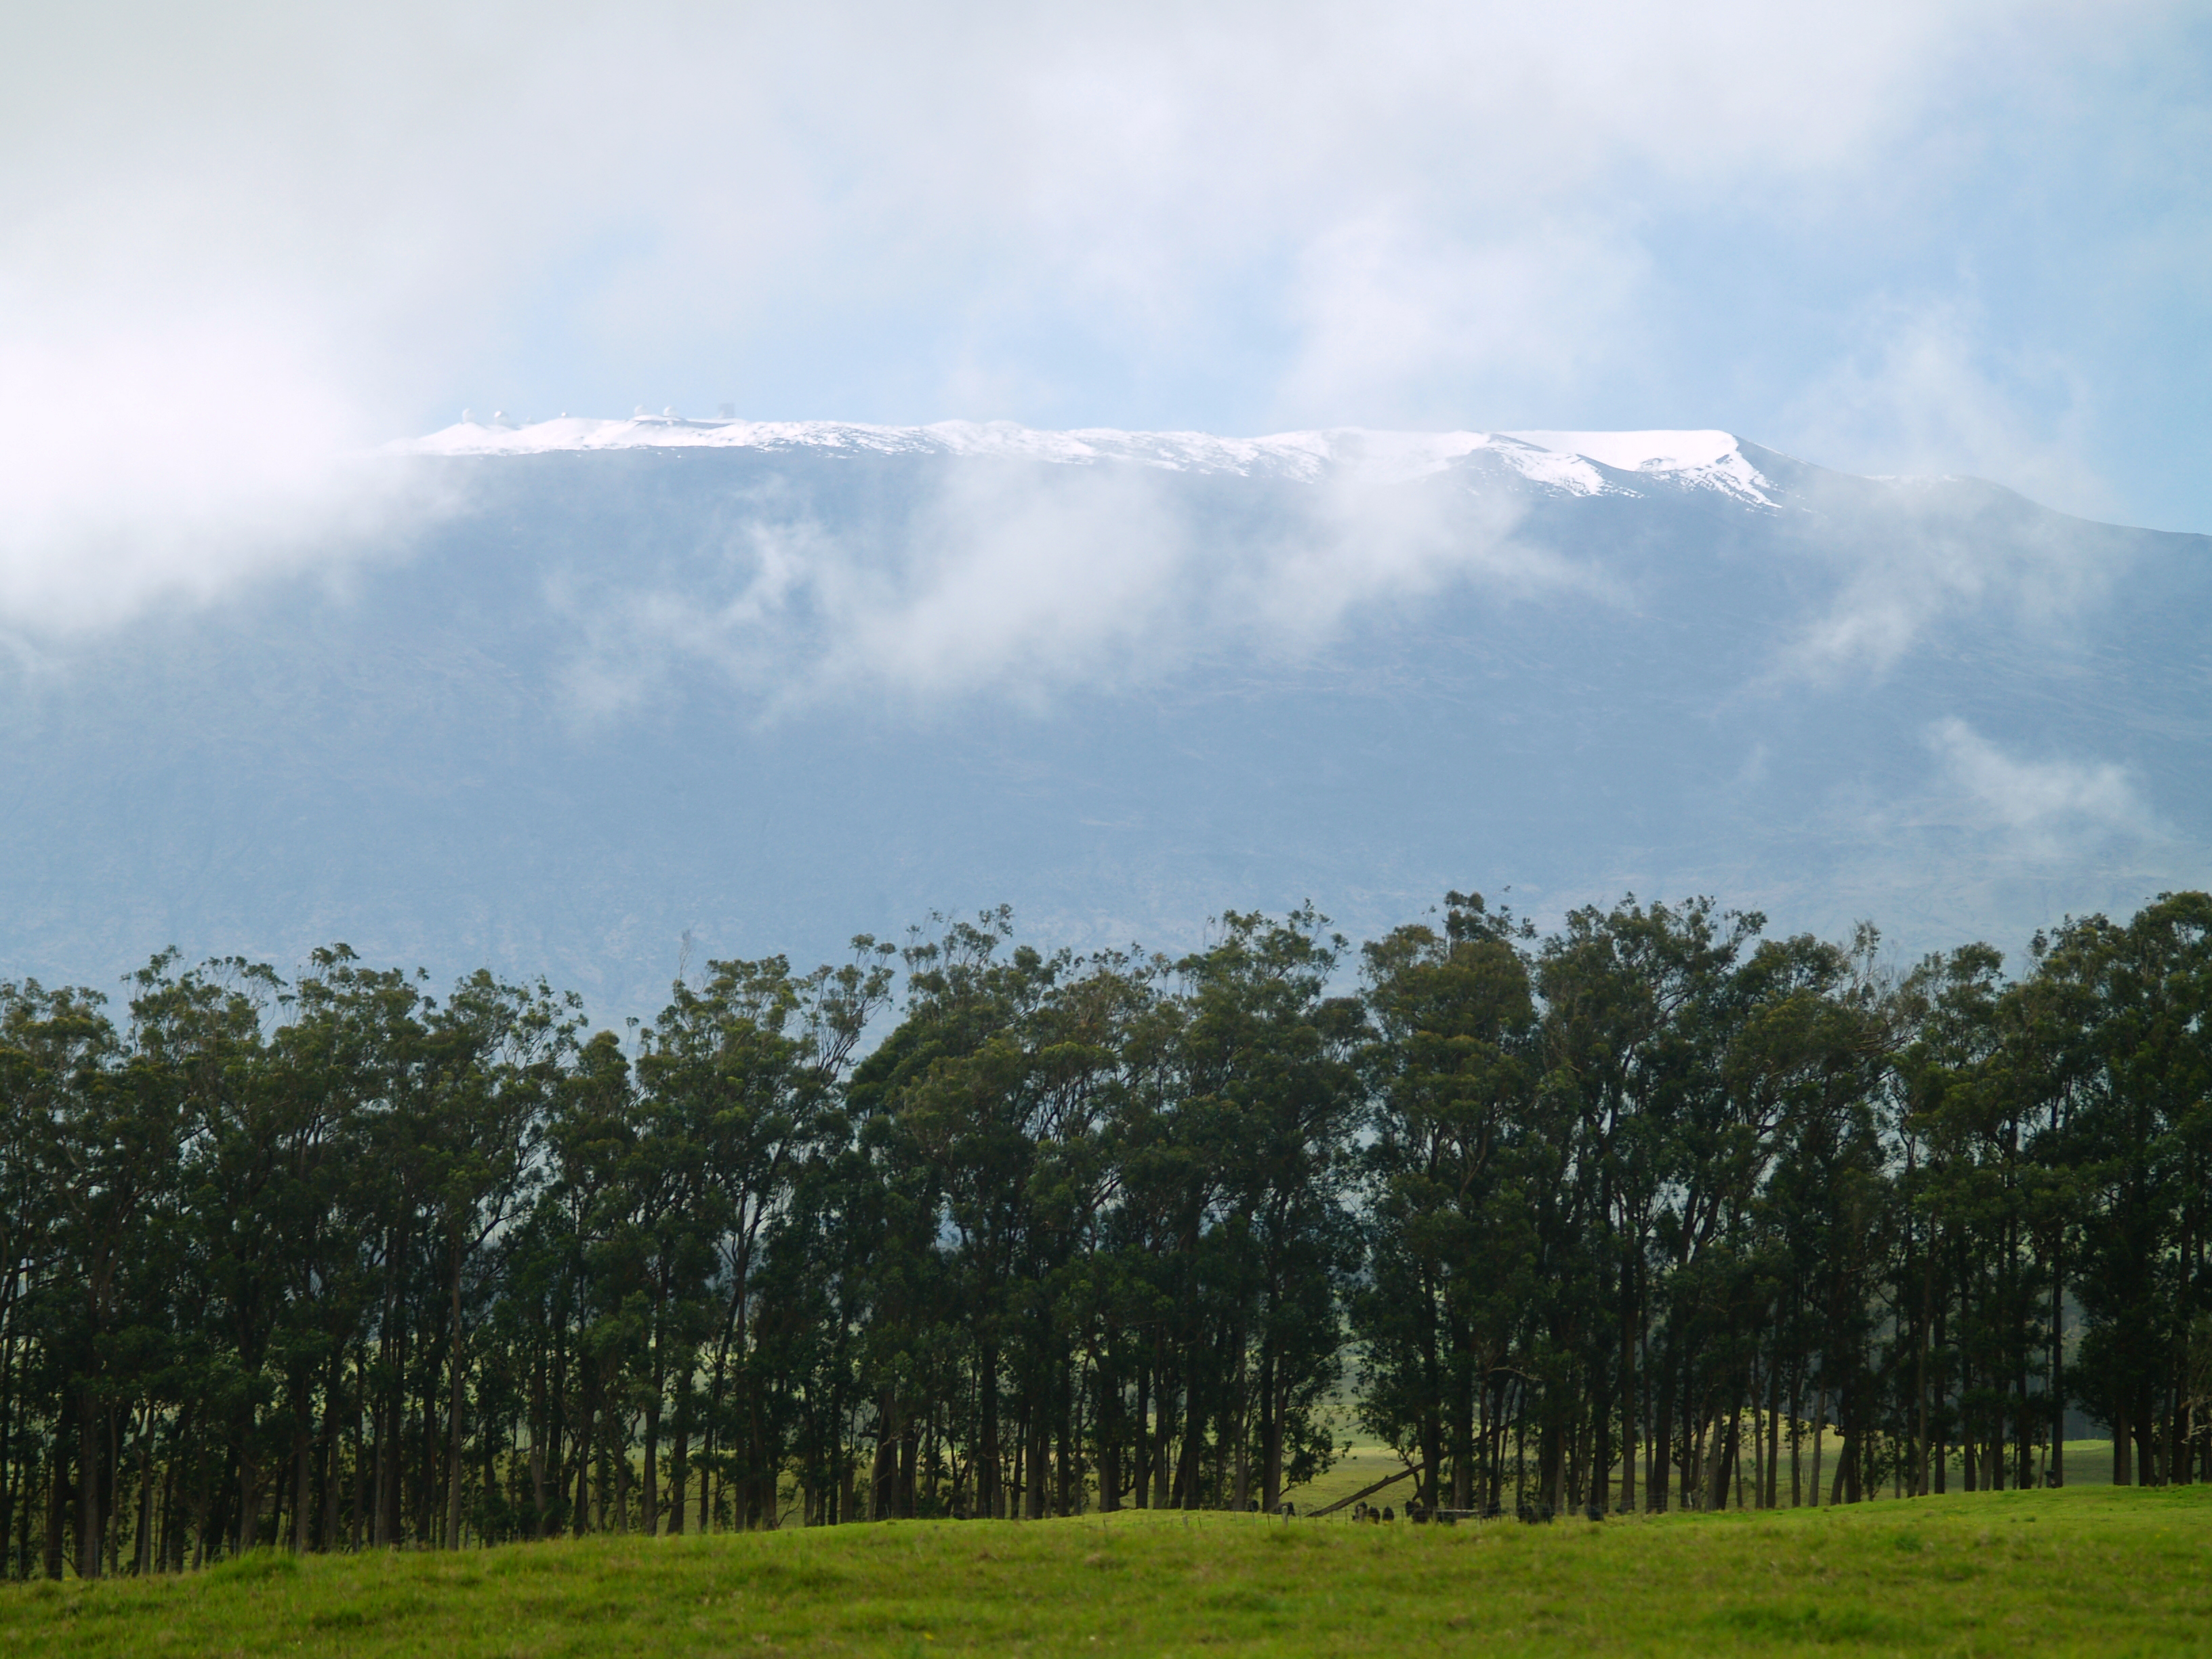 Mauna Kea's Summit  from Highway 19 Near Waimea Town: Photo by Donald MacGowan